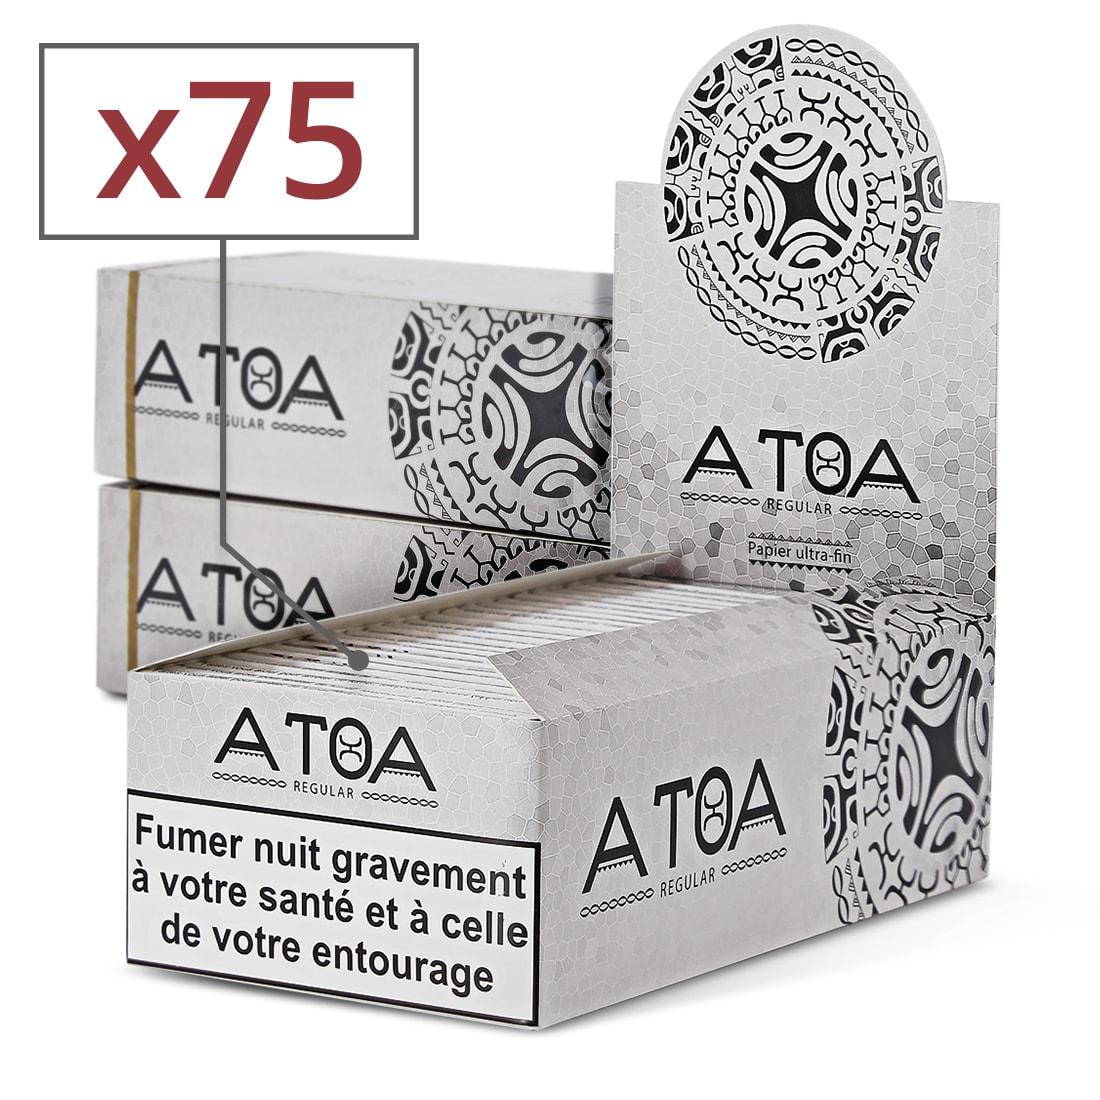 Photo de Papier a rouler ATOA Regular x75